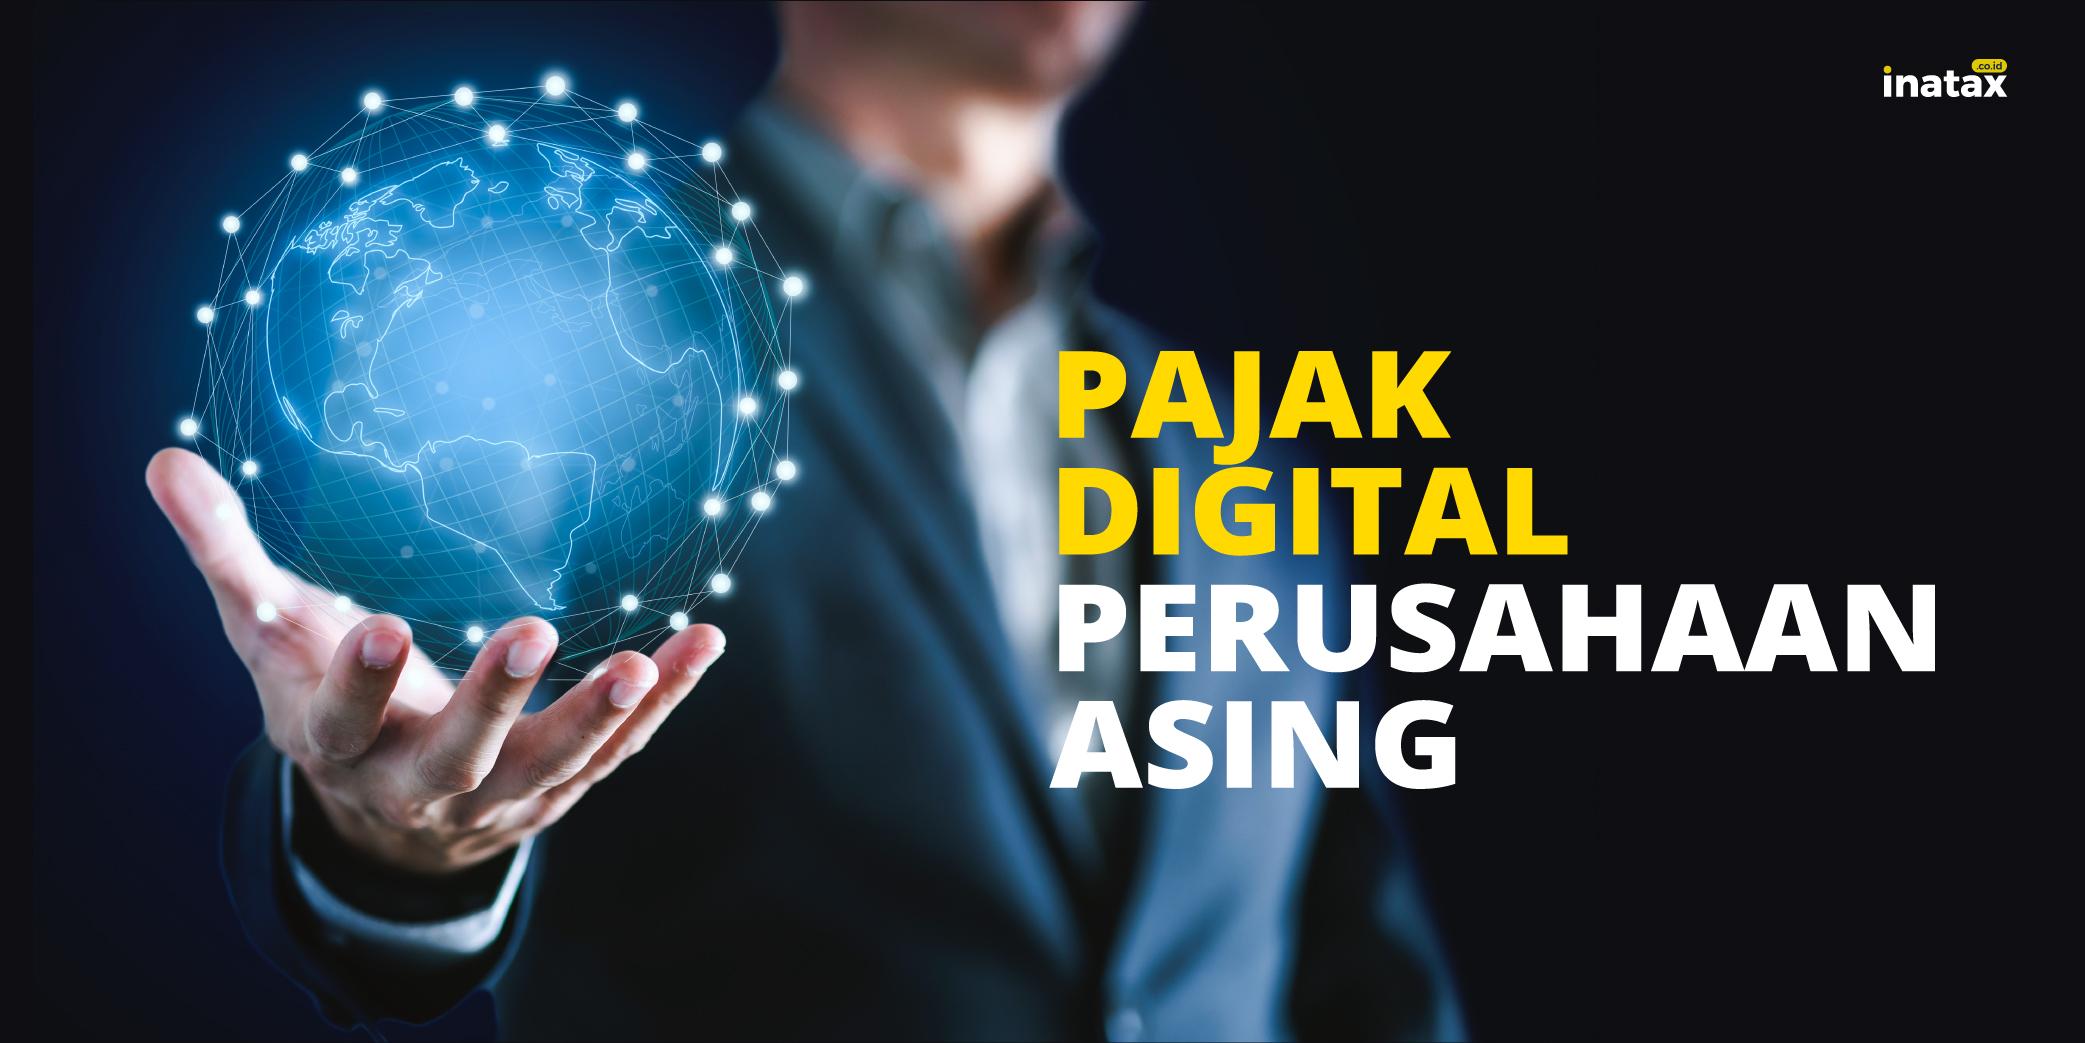 Untuk Perusahaan Digital Asing, Siap – Siap akan Dikenakan Pajak oleh Pemerintah RI